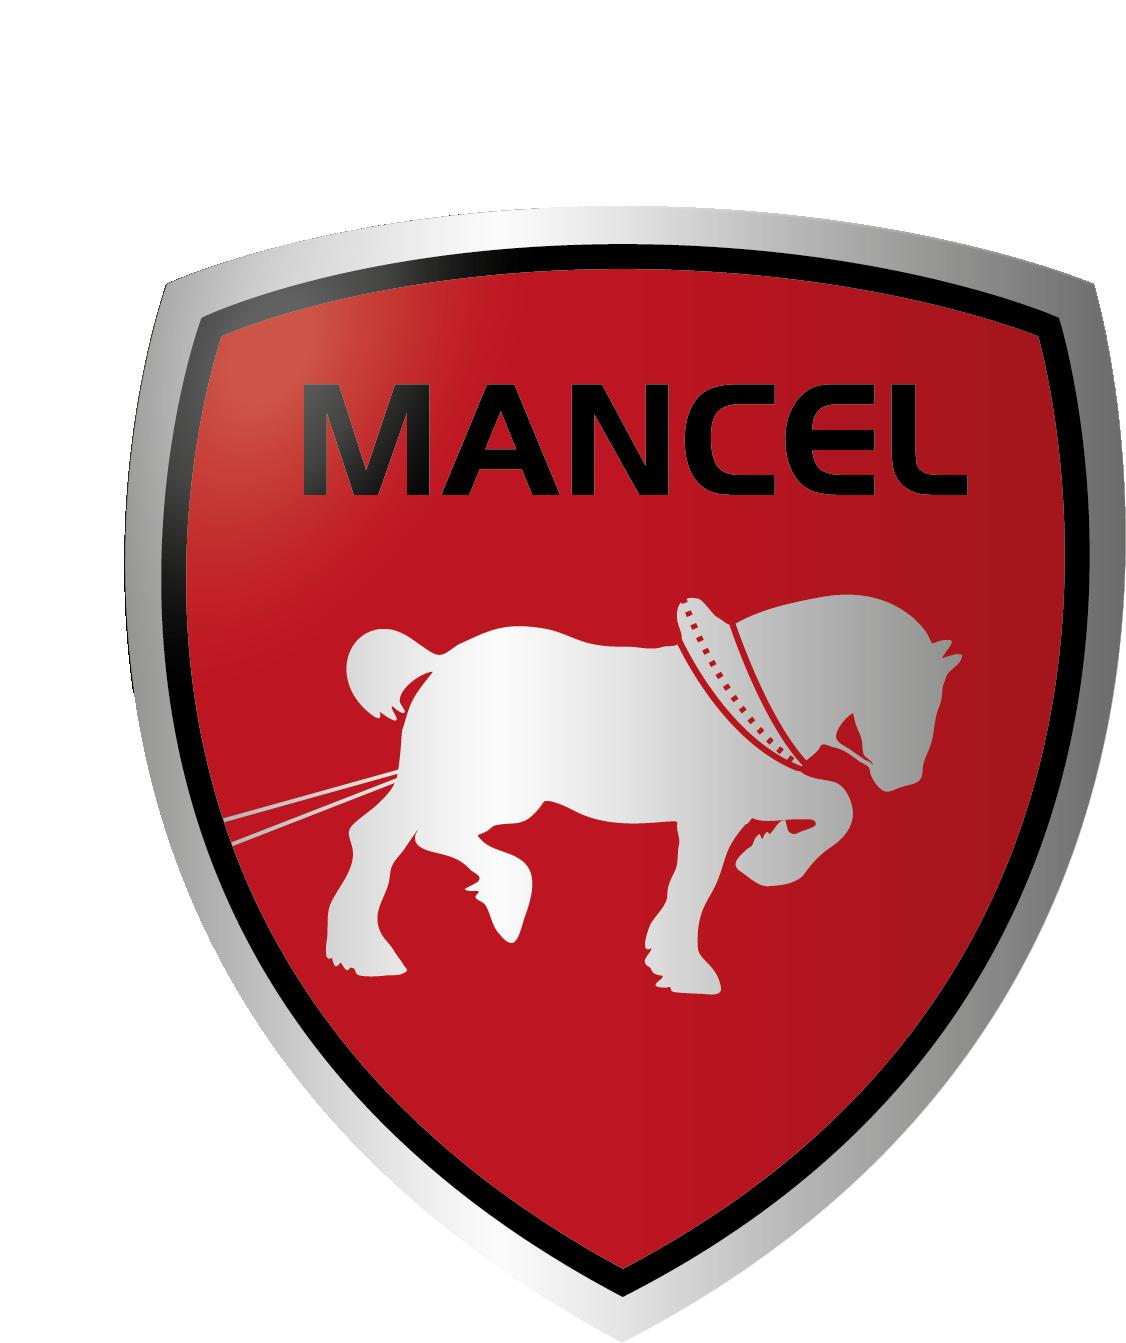 MANCEL_LOGO